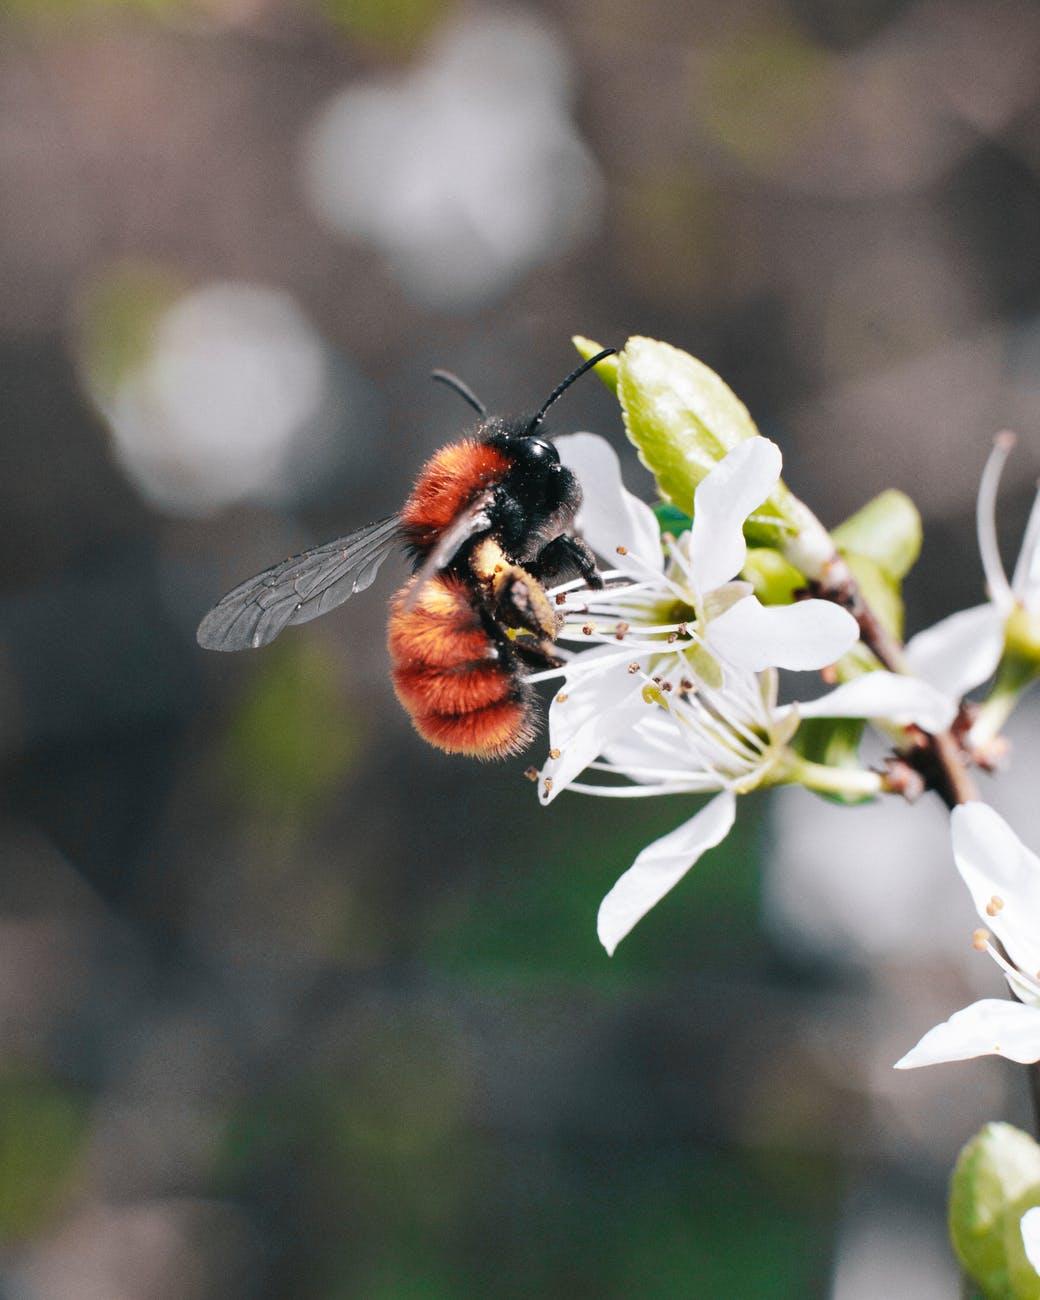 macro photography of bee on flower